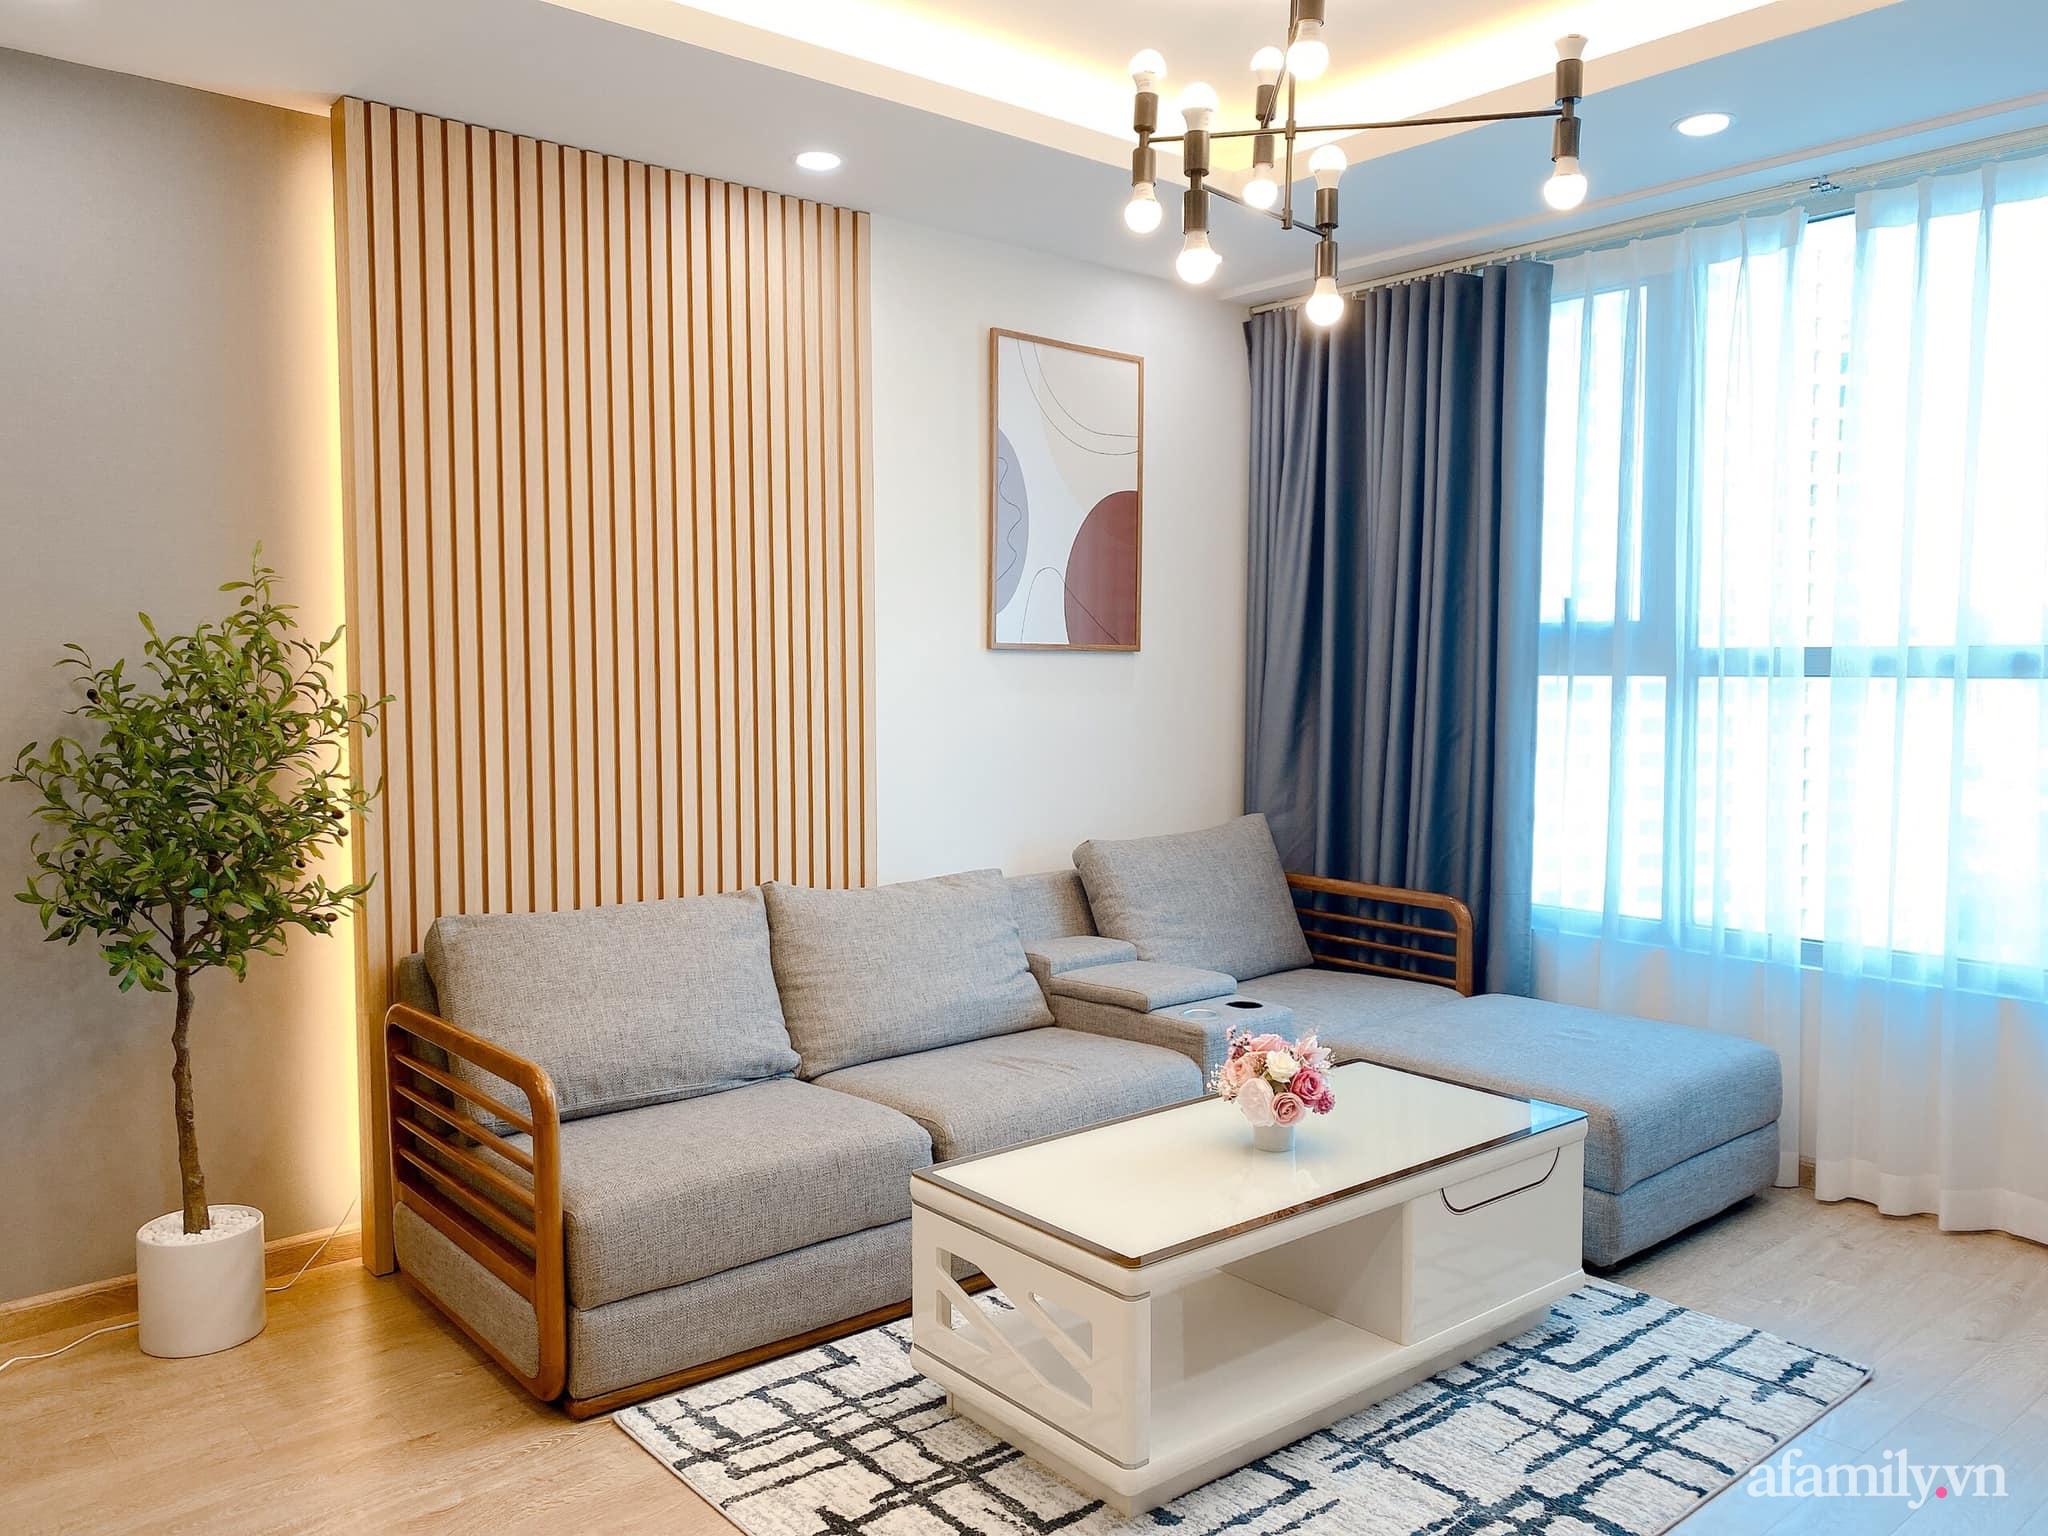 Căn hộ 92m² đong đầy hạnh phúc với nội thất đơn giản, hiện đại của vợ chồng trẻ Hà Nội - Ảnh 6.